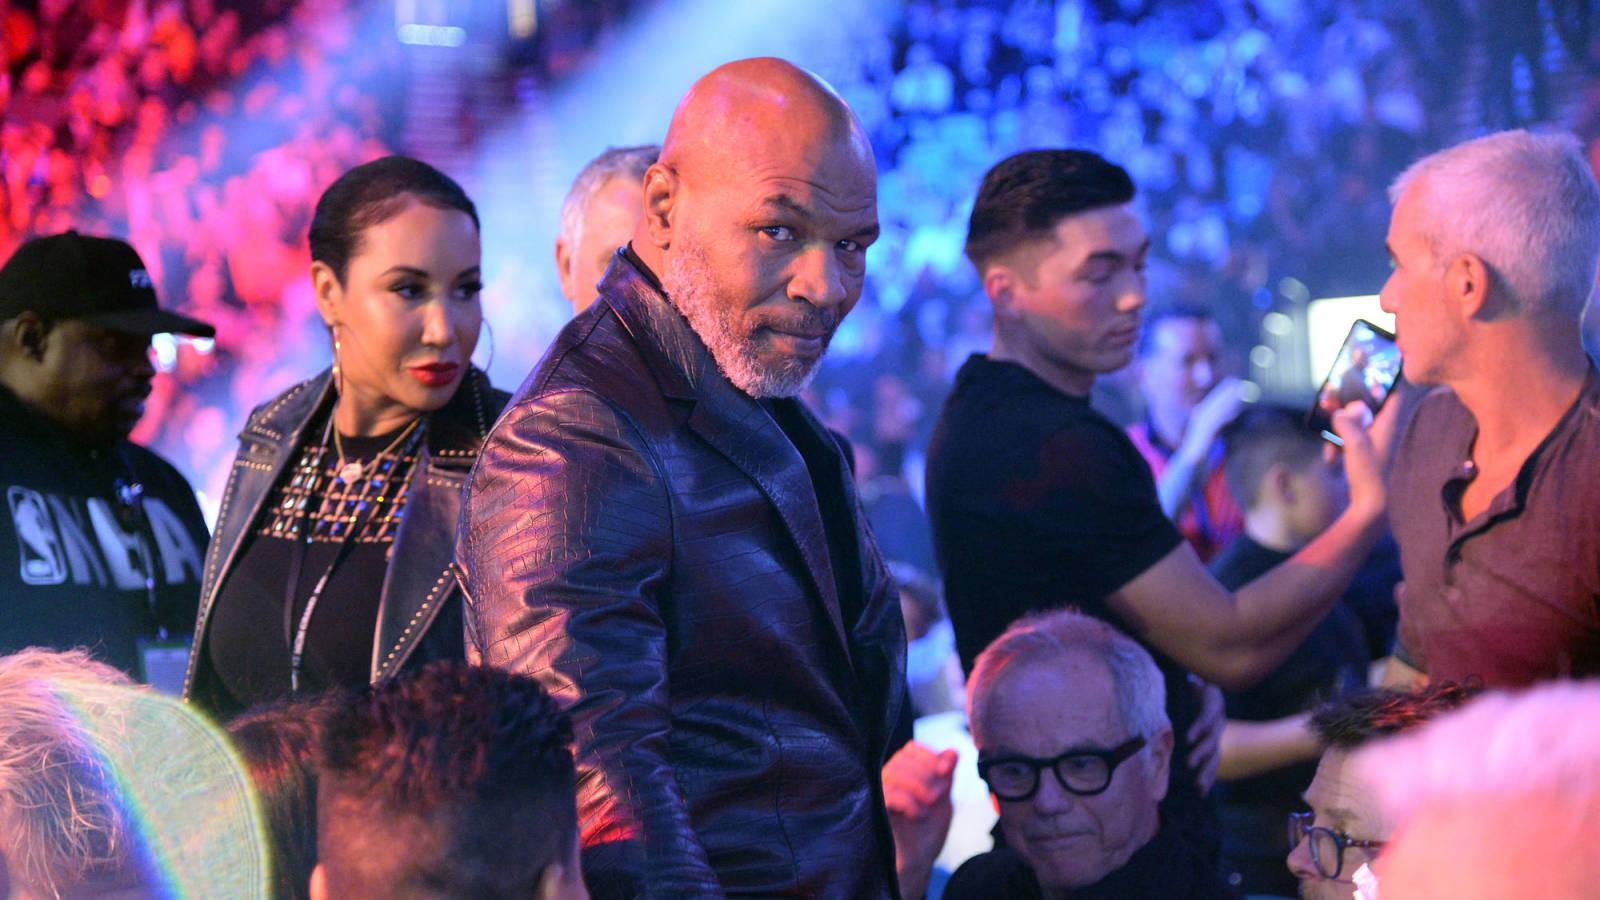 Mike Tyson-Roy Jones Jr. fight postponed to November